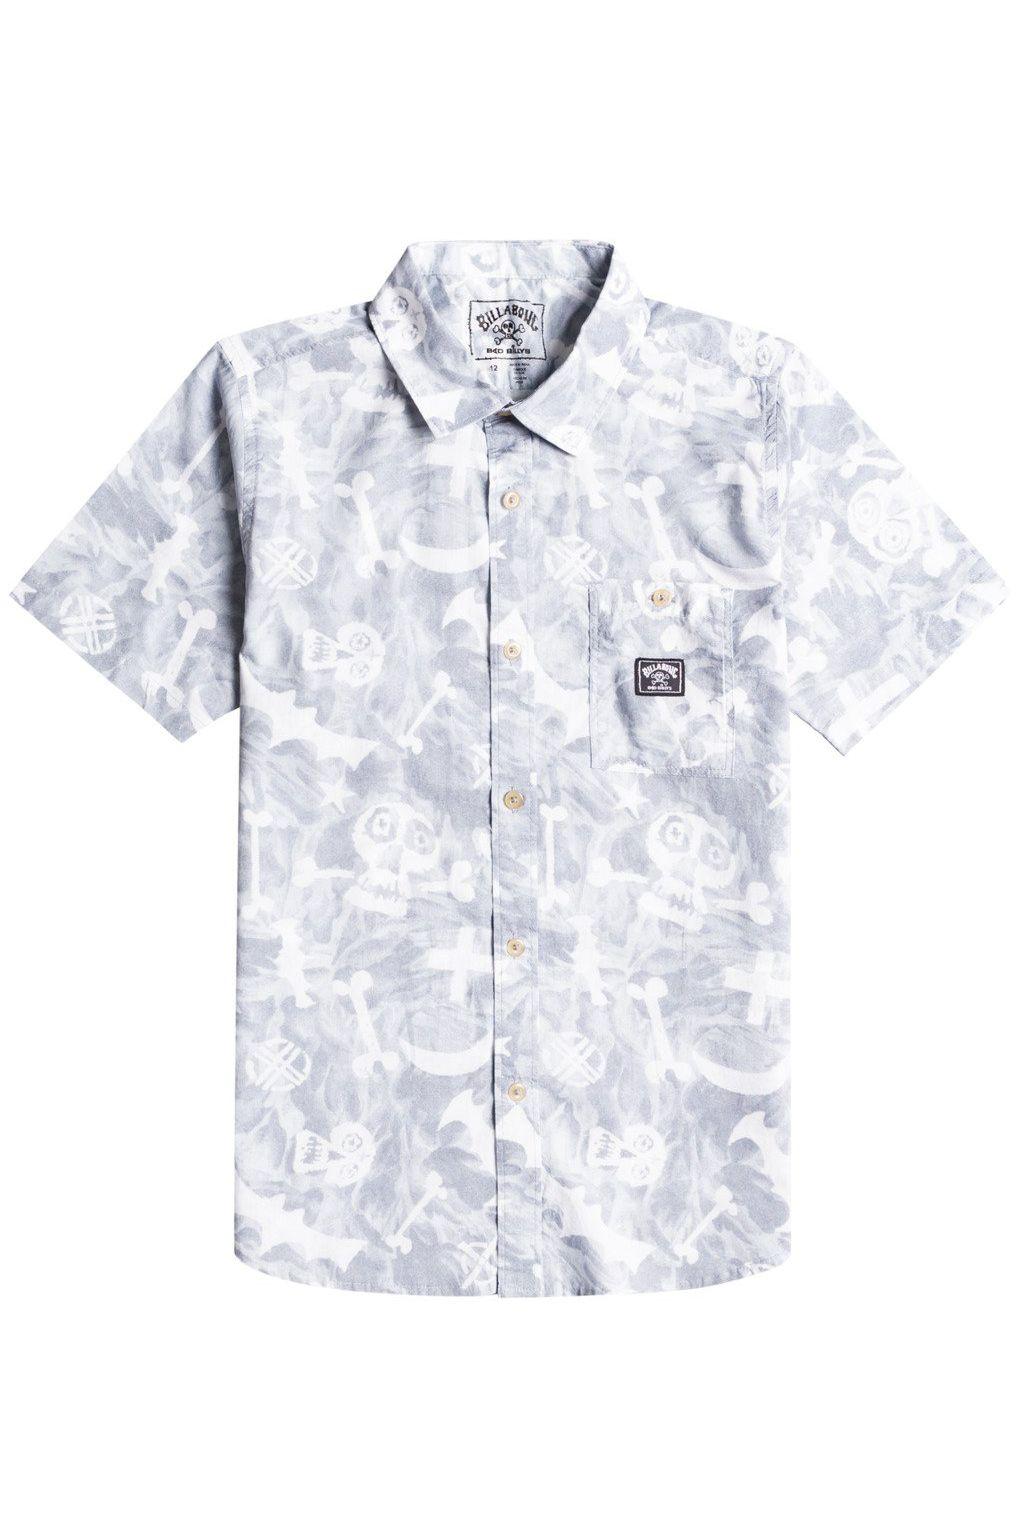 Camisa Billabong BAD BILLY SS SEASONAL COLLECTION Alloy